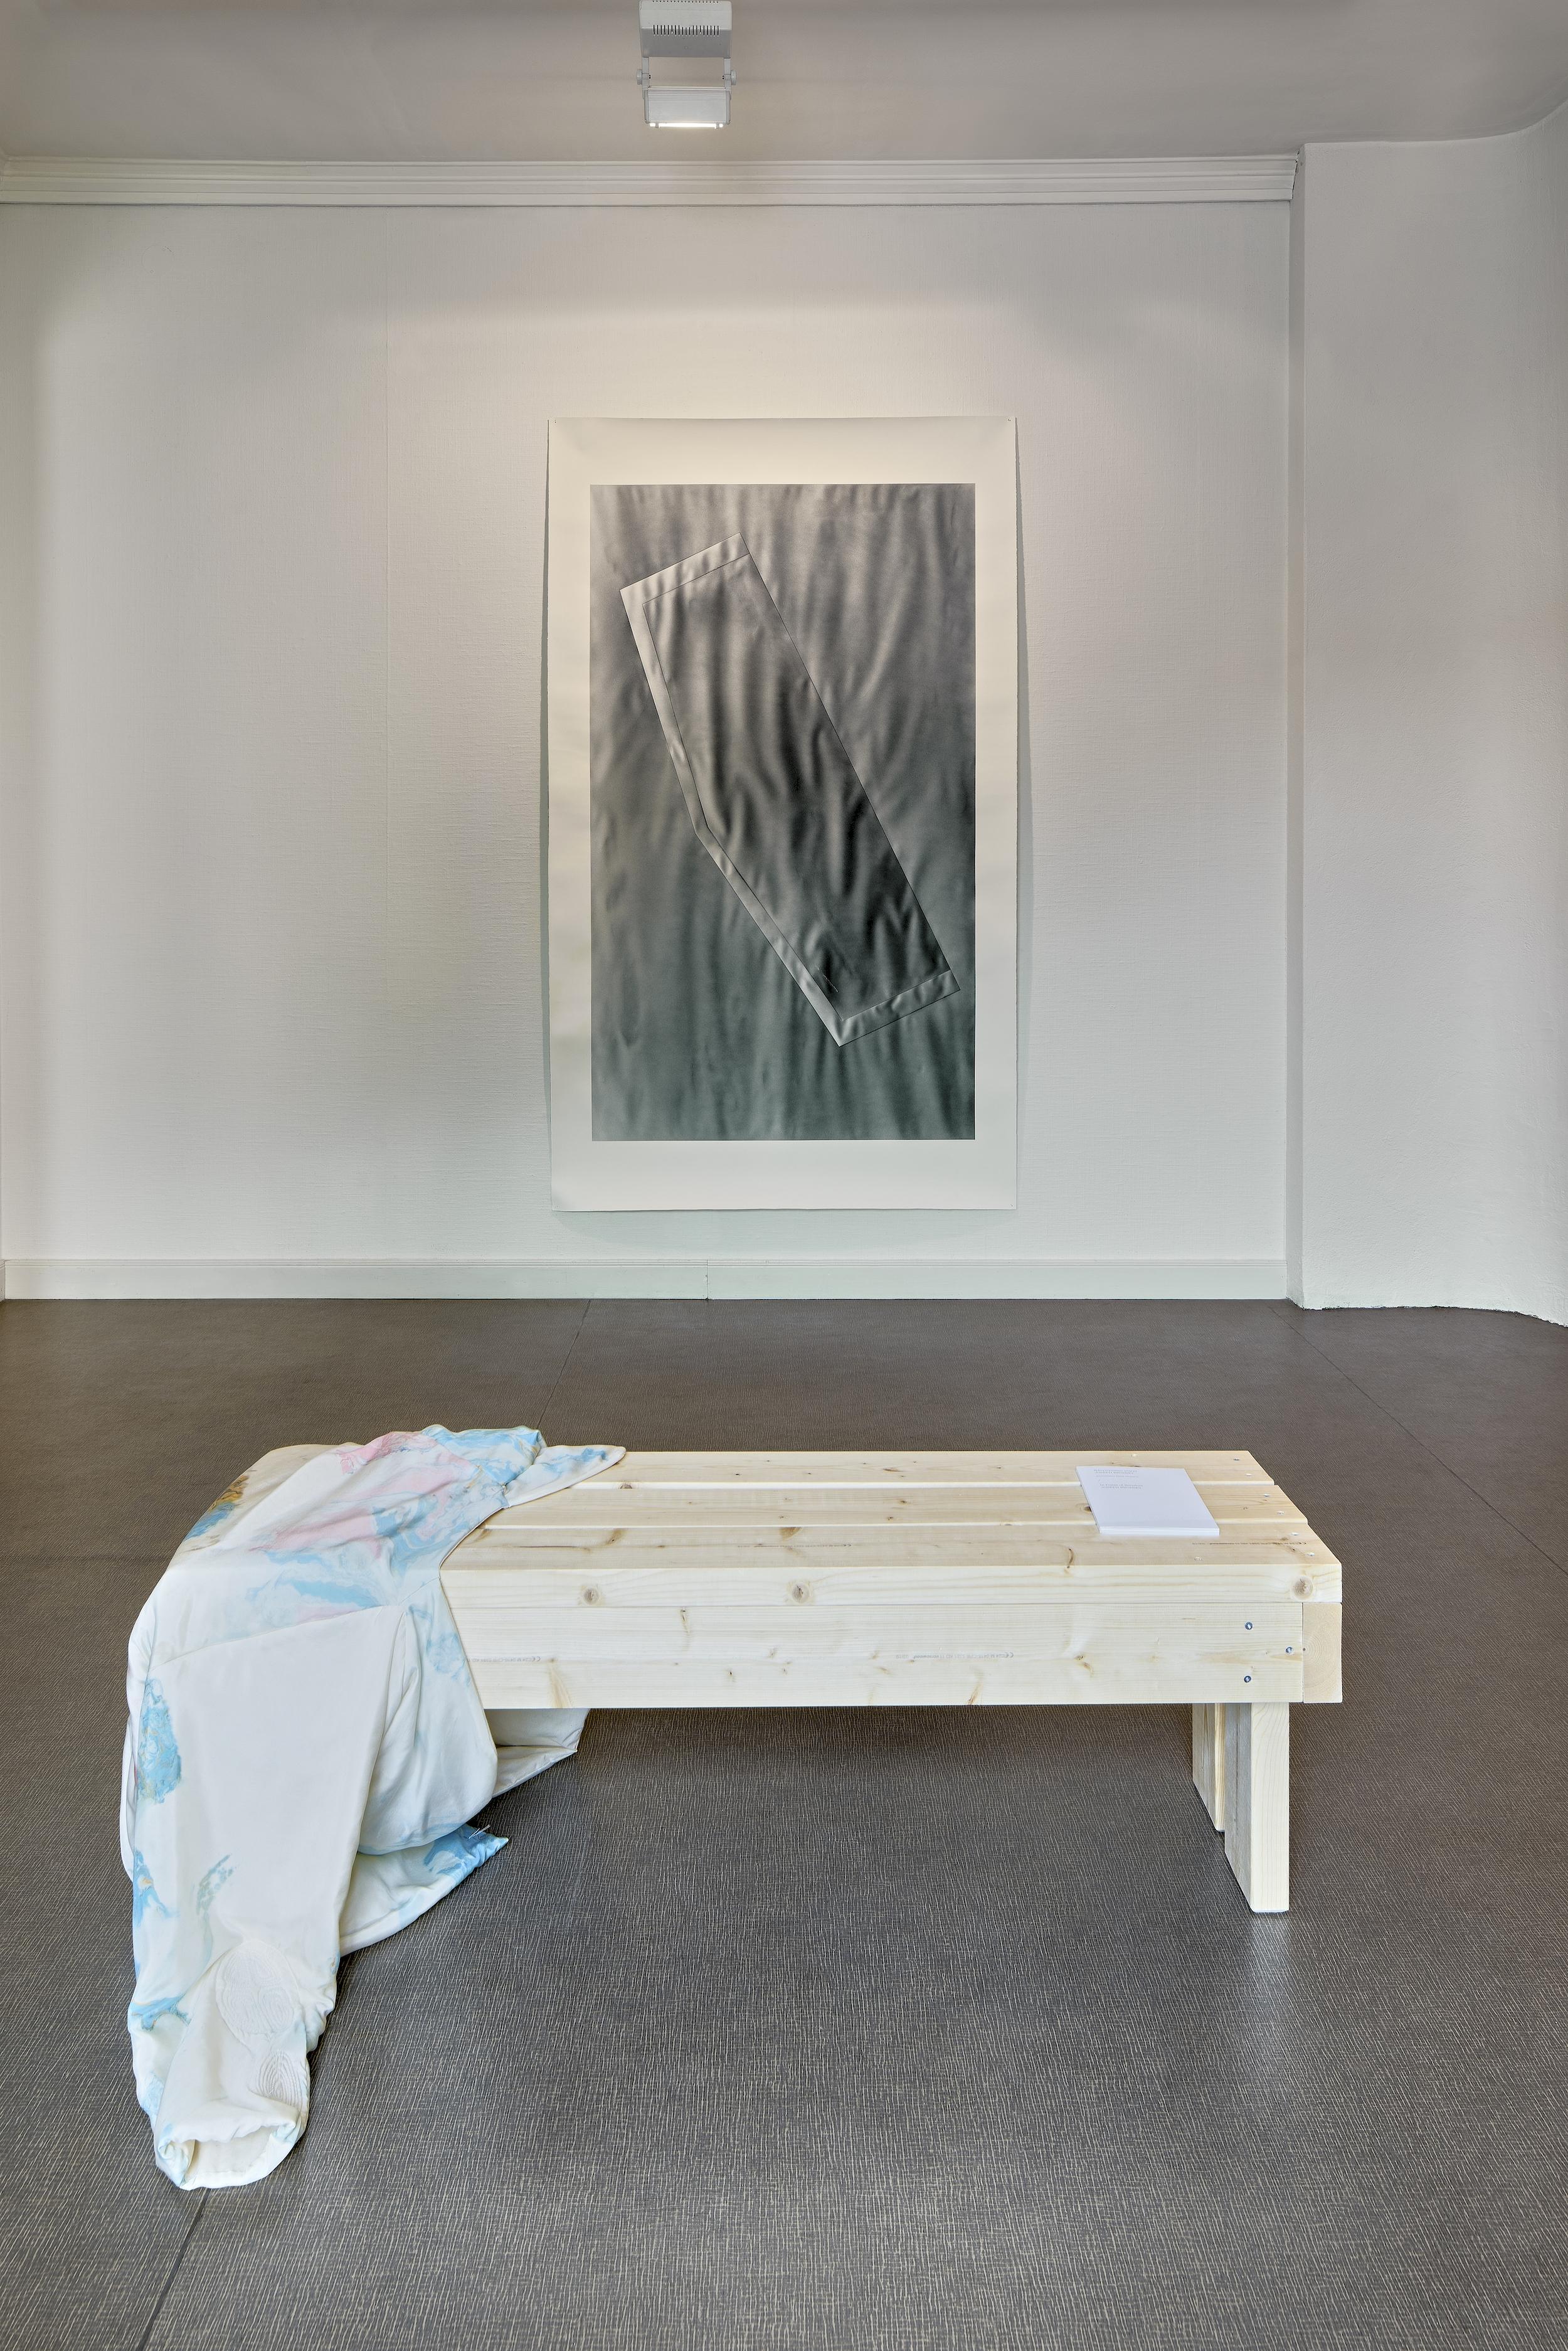 Maija Luutonen,  Still , textile, acrylic on paper, acrylic and ink on paper, 2019. Photo: Titus Verhe